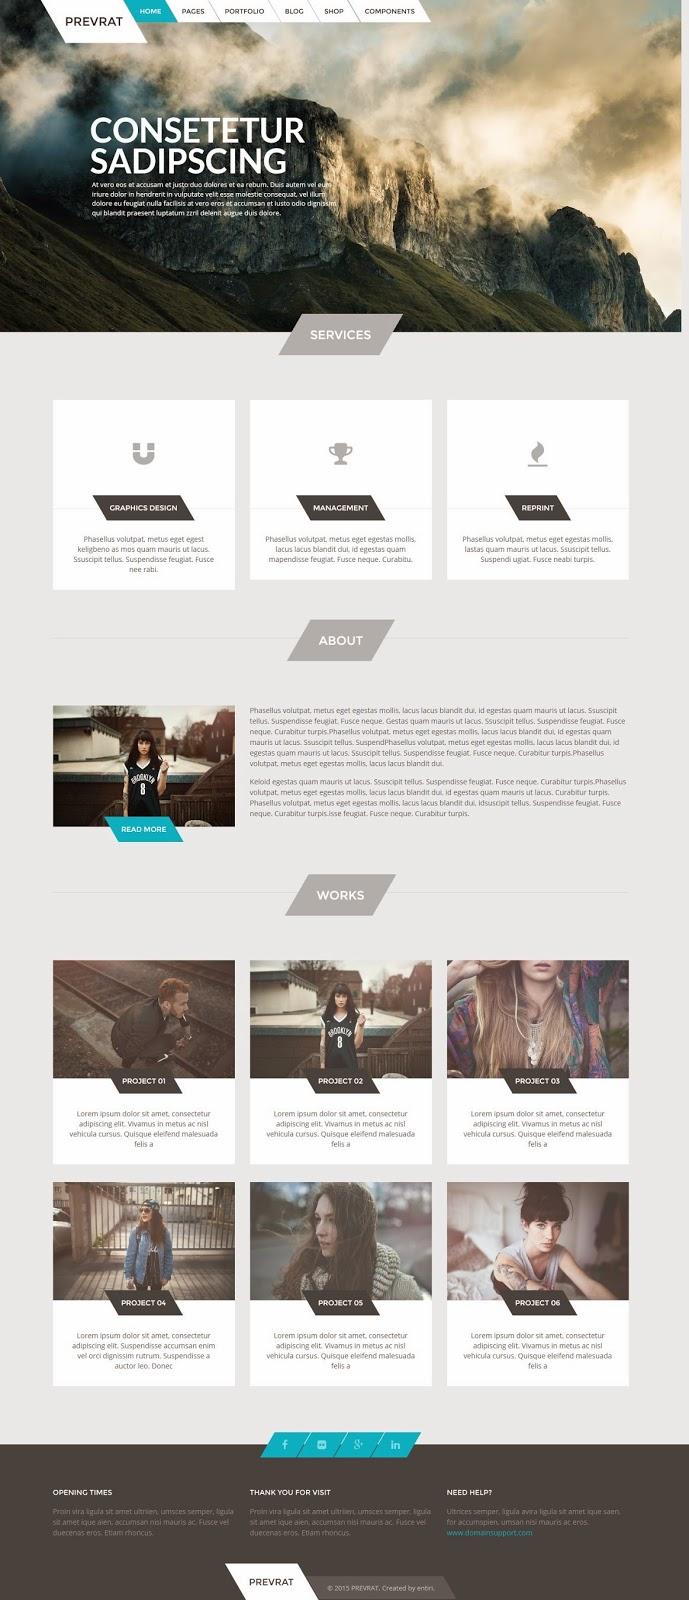 Example Best Creative Portfolio WP Theme 2015